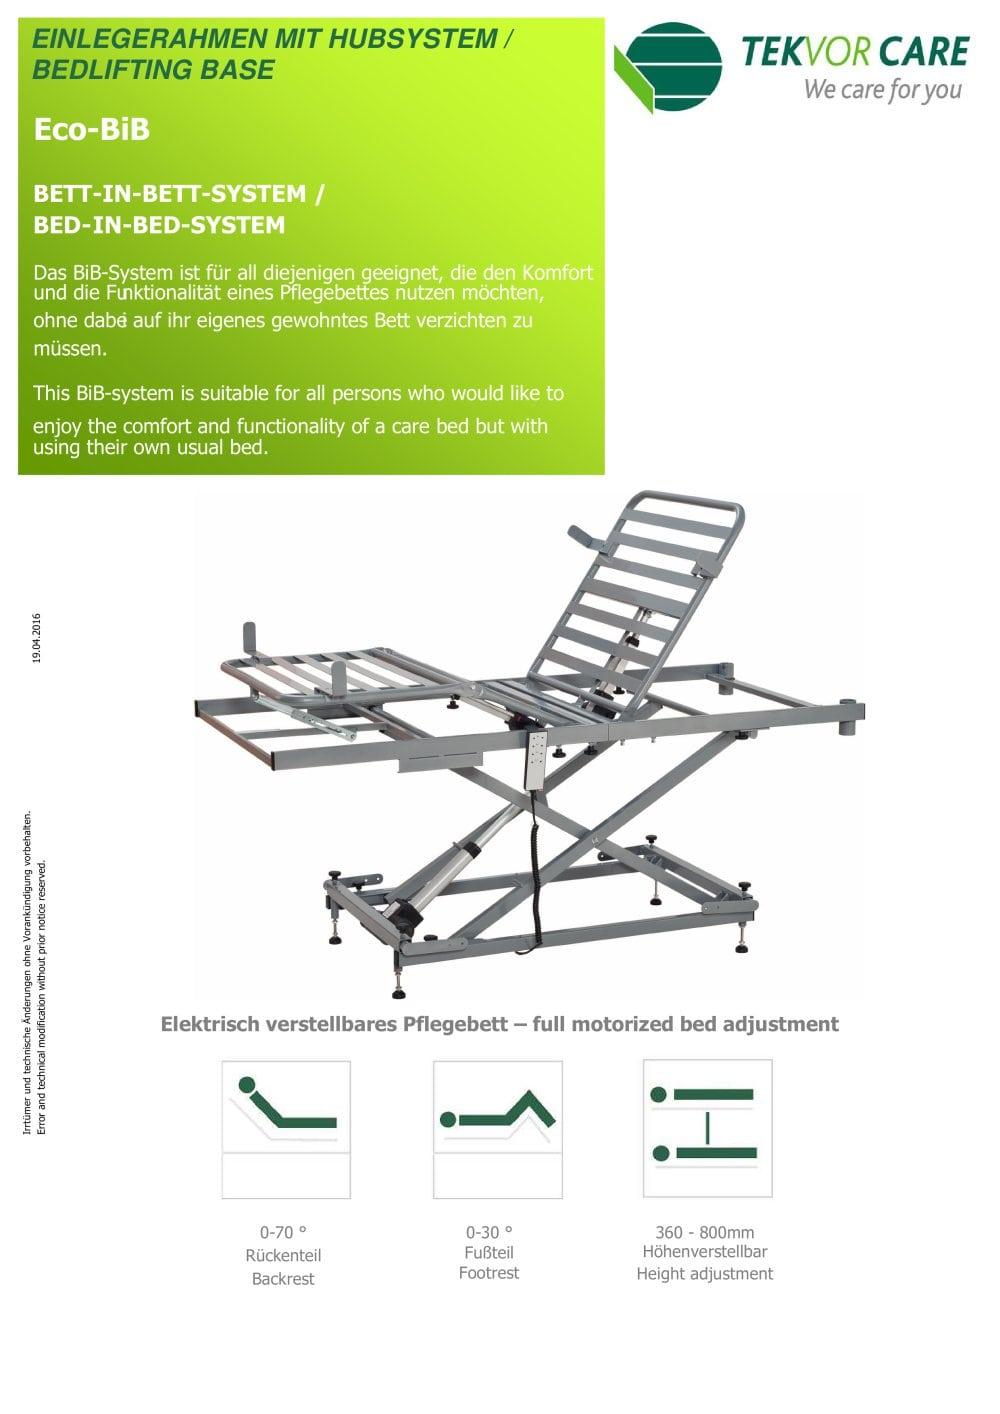 Technische Zeichnung Bett eco bib tekvor care pdf katalog technische unterlagen prospekt